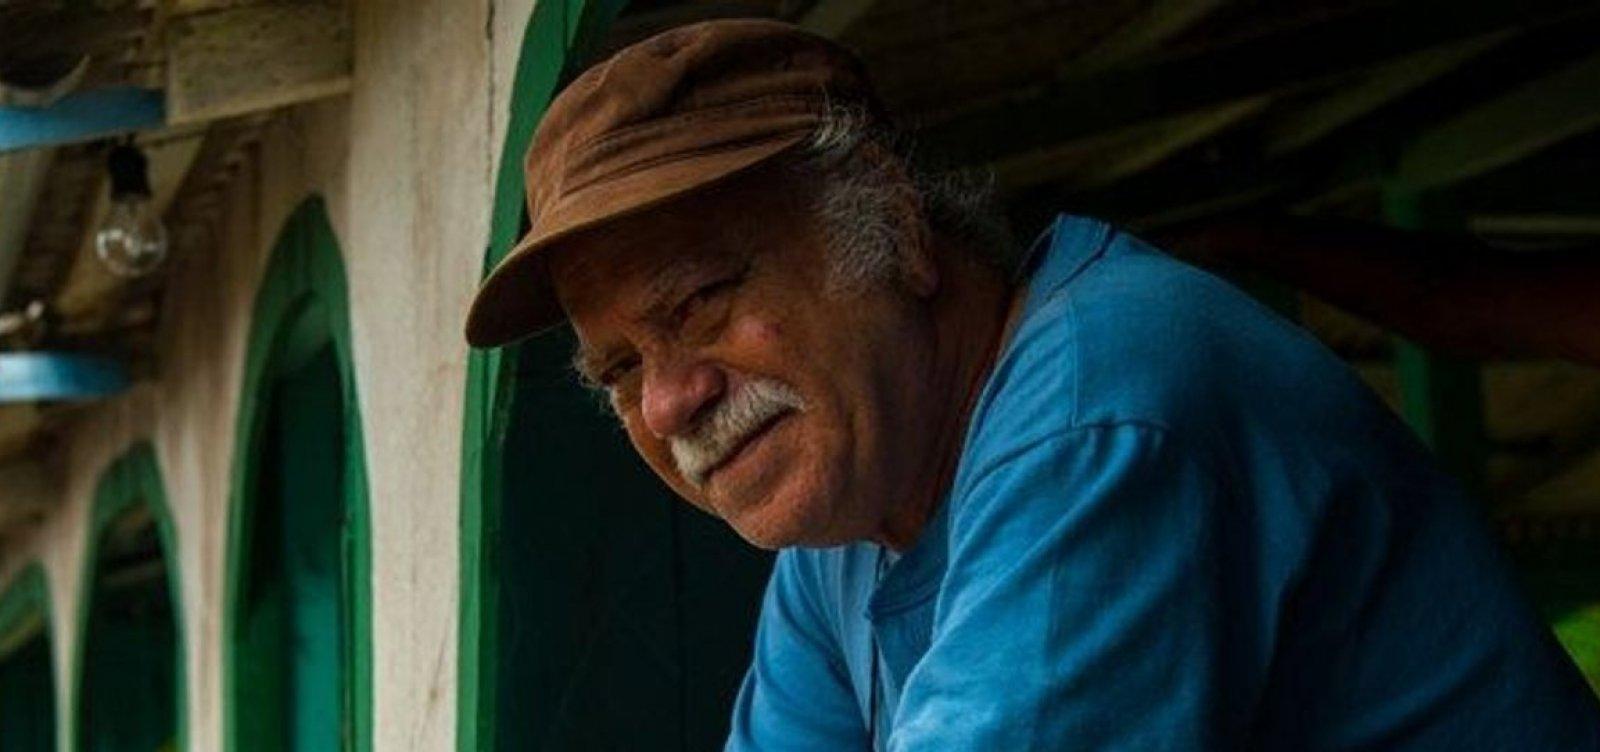 Tonico Pereira diz receber ameaças de morte após criticar o presidente Bolsonaro